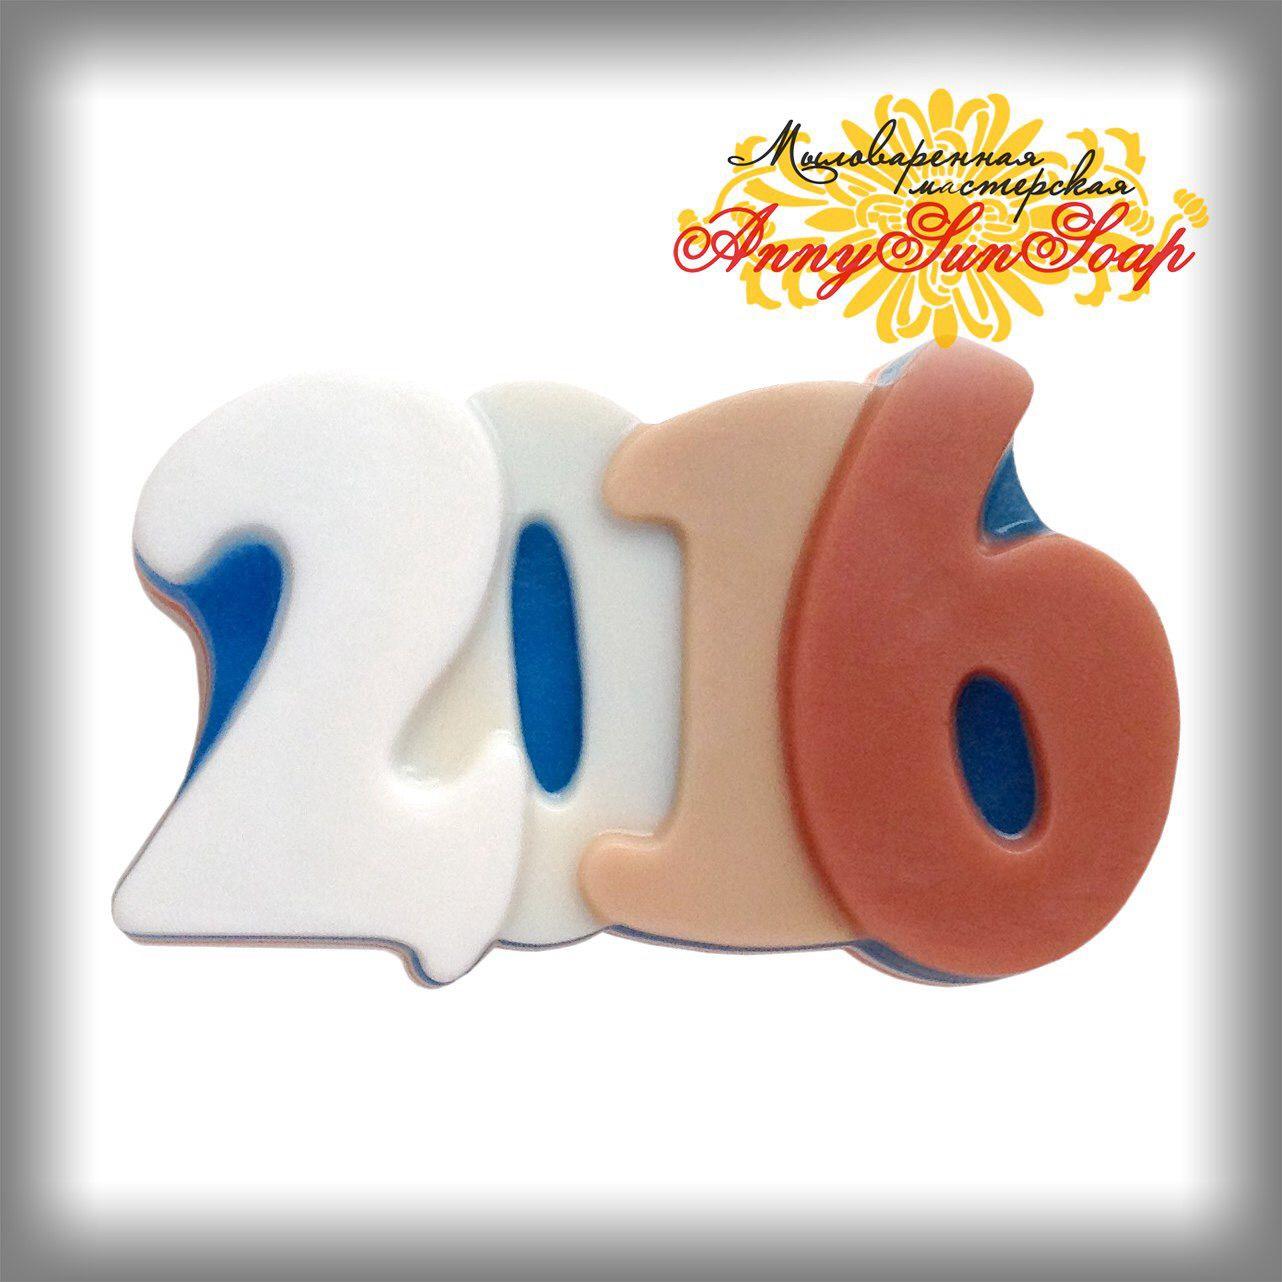 2016 подарки 2016год мылоручнойработы новыйгод символгода2016 символгода подарок мыловарение